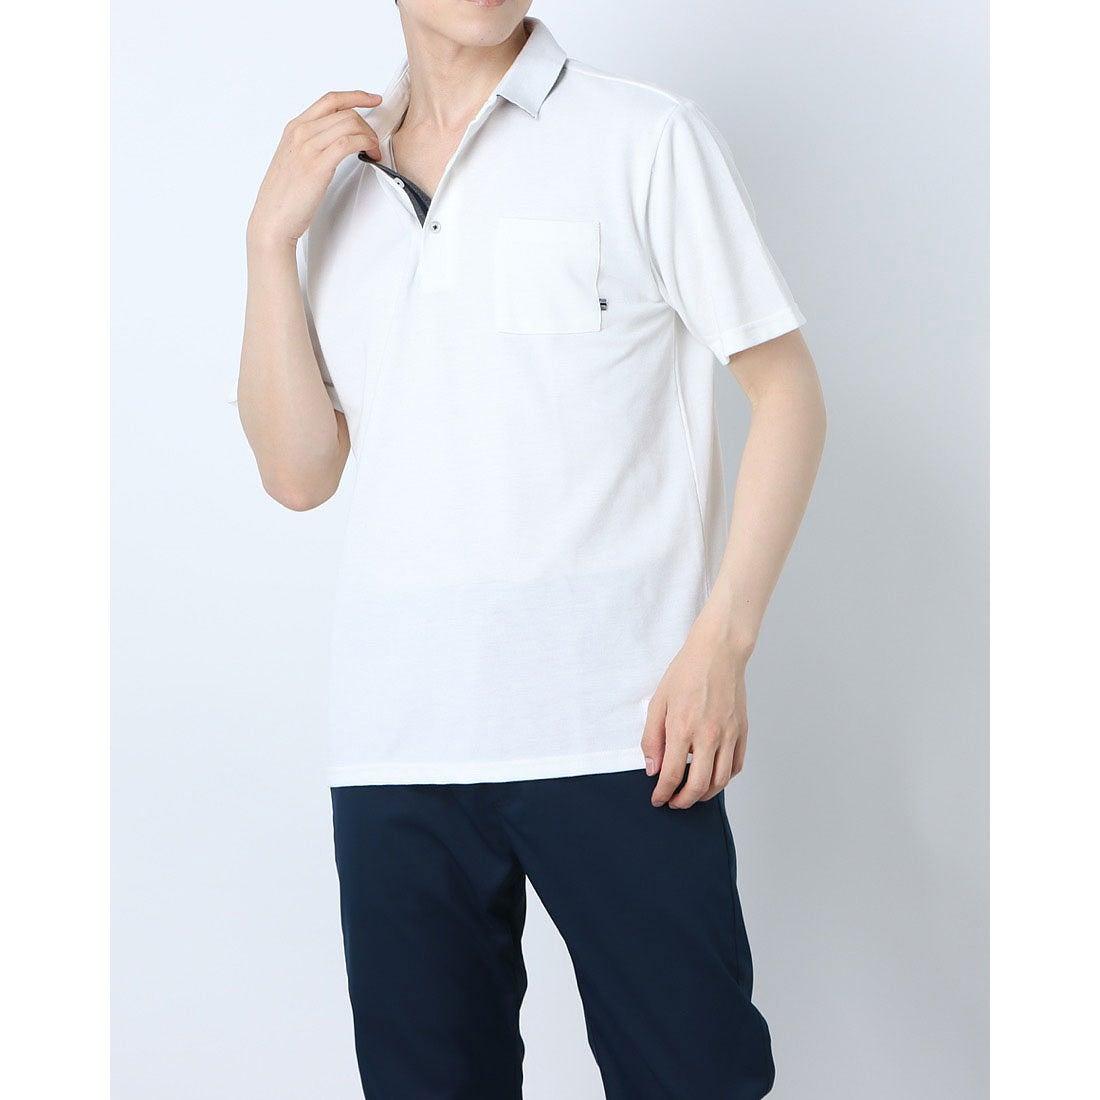 ロコンド 靴とファッションの通販サイトスタイルブロック STYLEBLOCK カノコダブルフェイスリブポロシャツ (ホワイト)